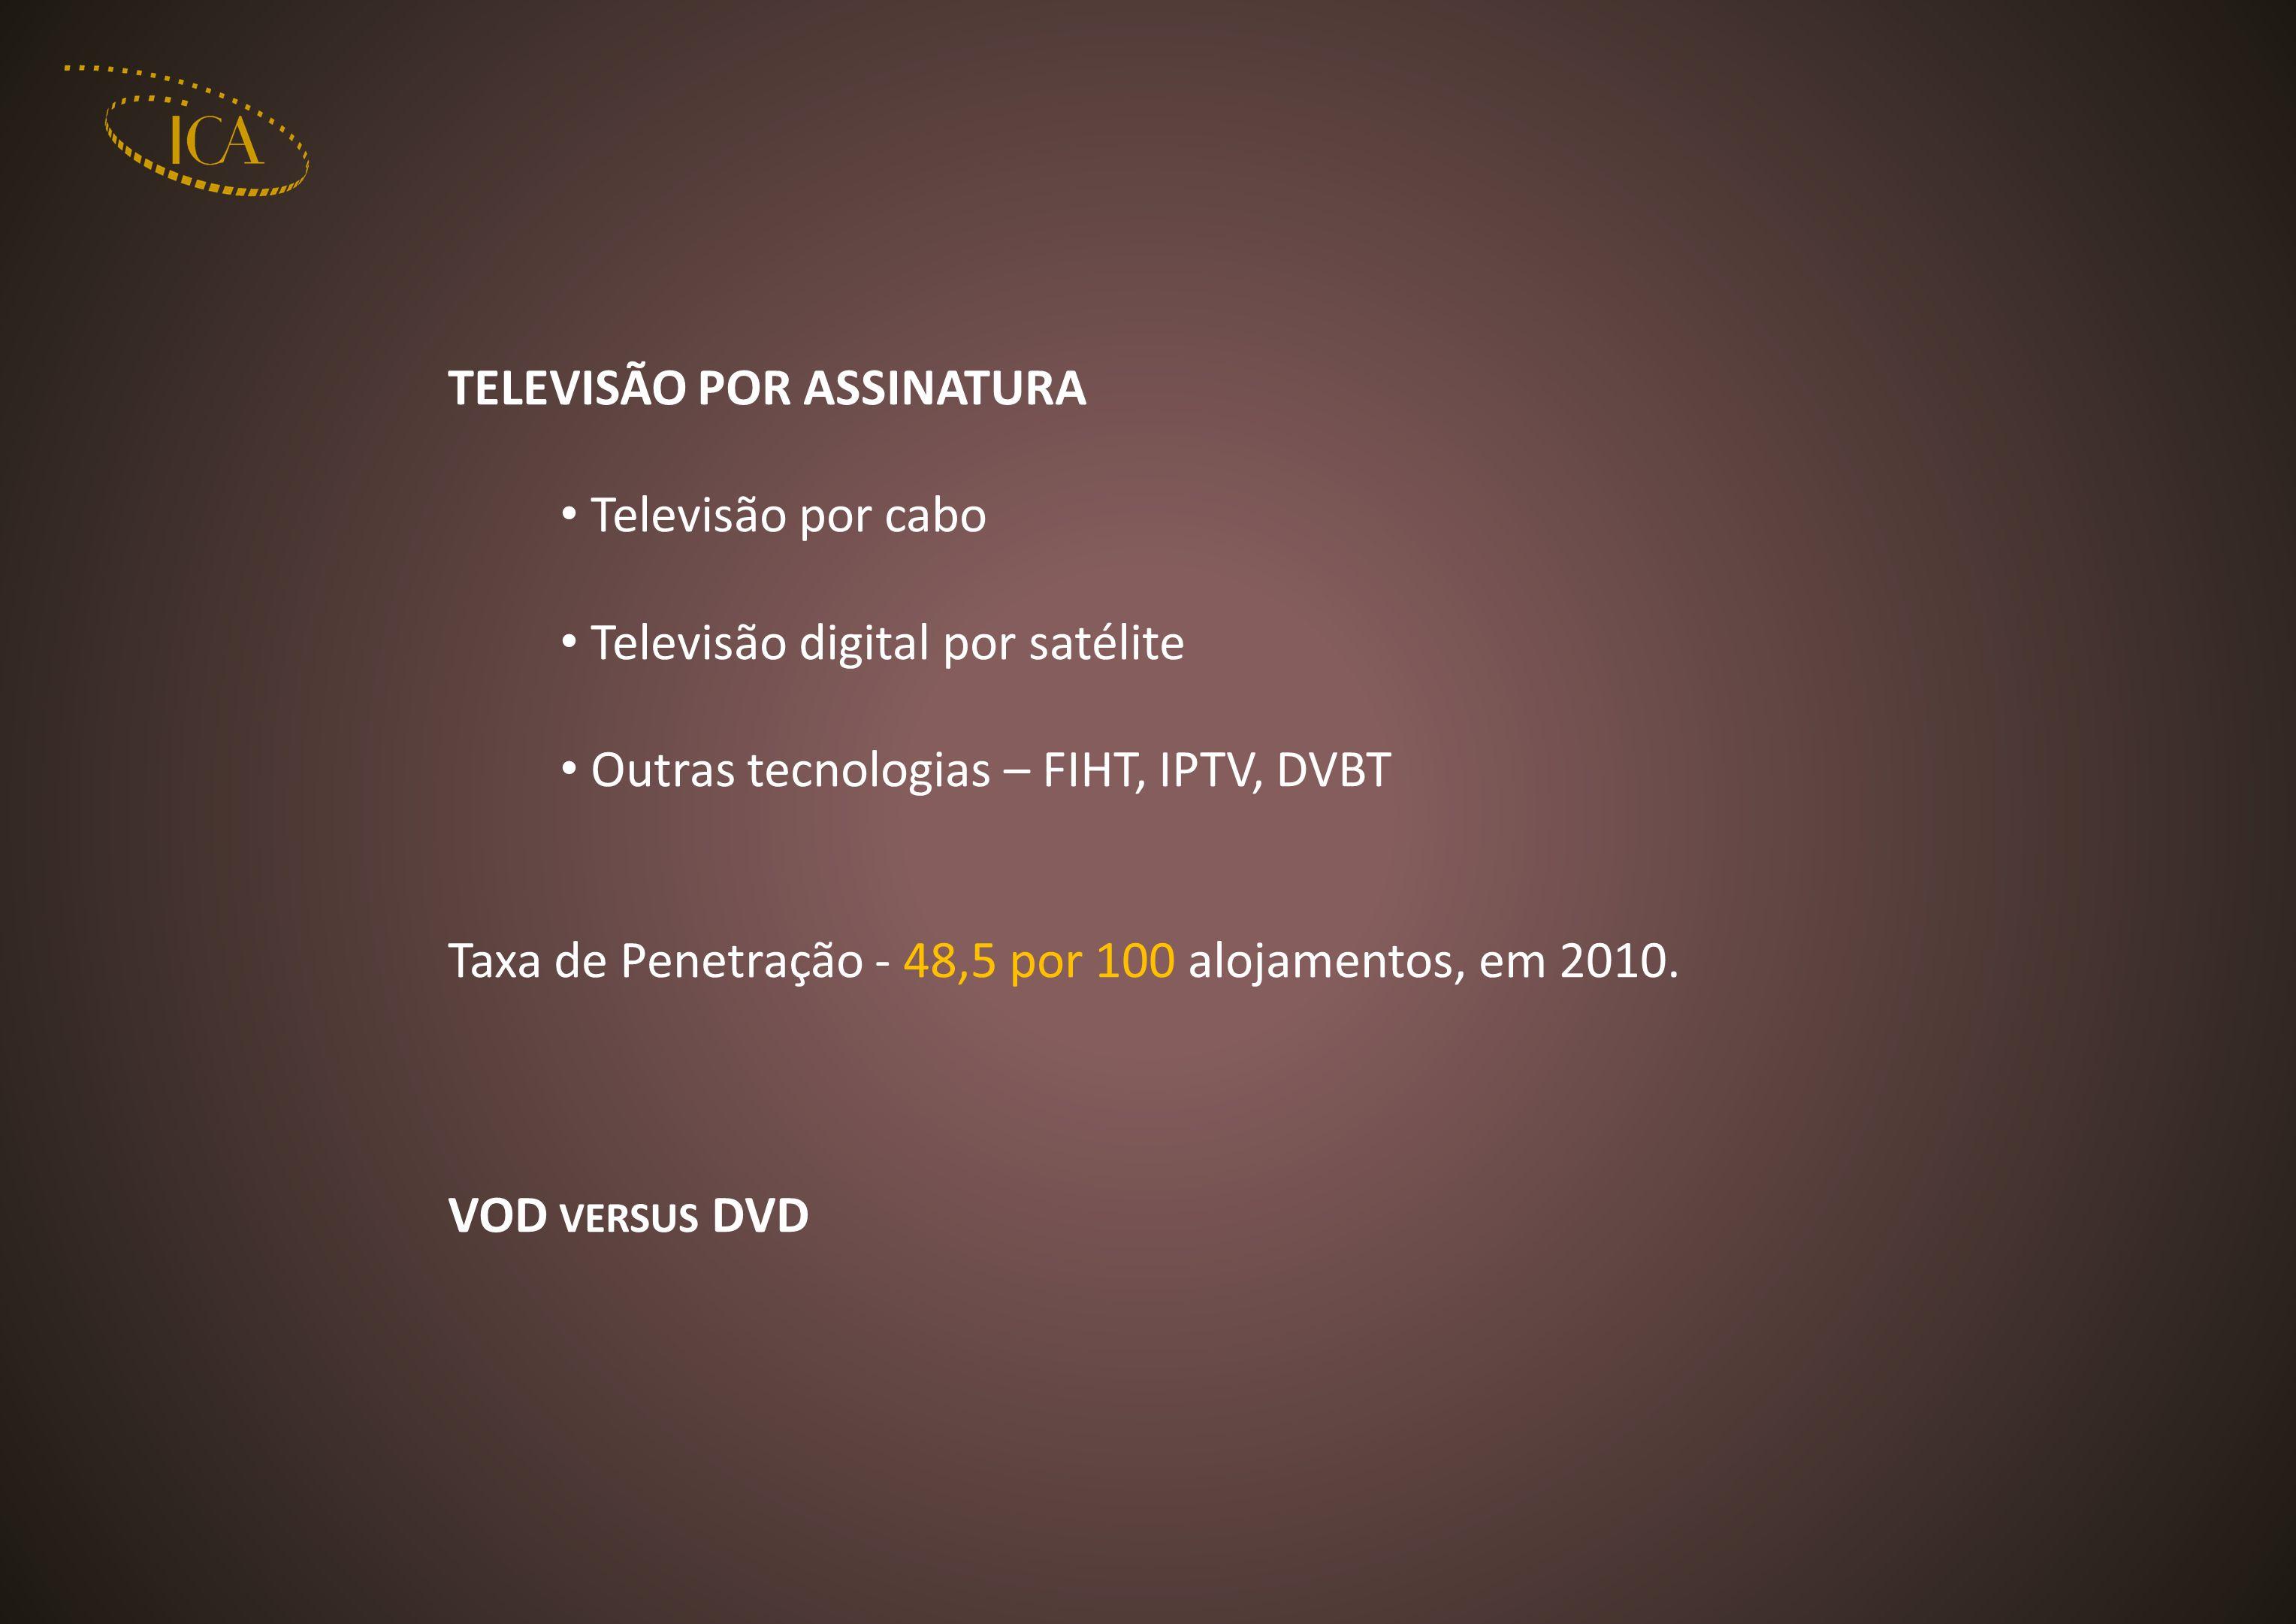 TELEVISÃO POR ASSINATURA Televisão por cabo Televisão digital por satélite Outras tecnologias – FIHT, IPTV, DVBT Taxa de Penetração - 48,5 por 100 alojamentos, em 2010.